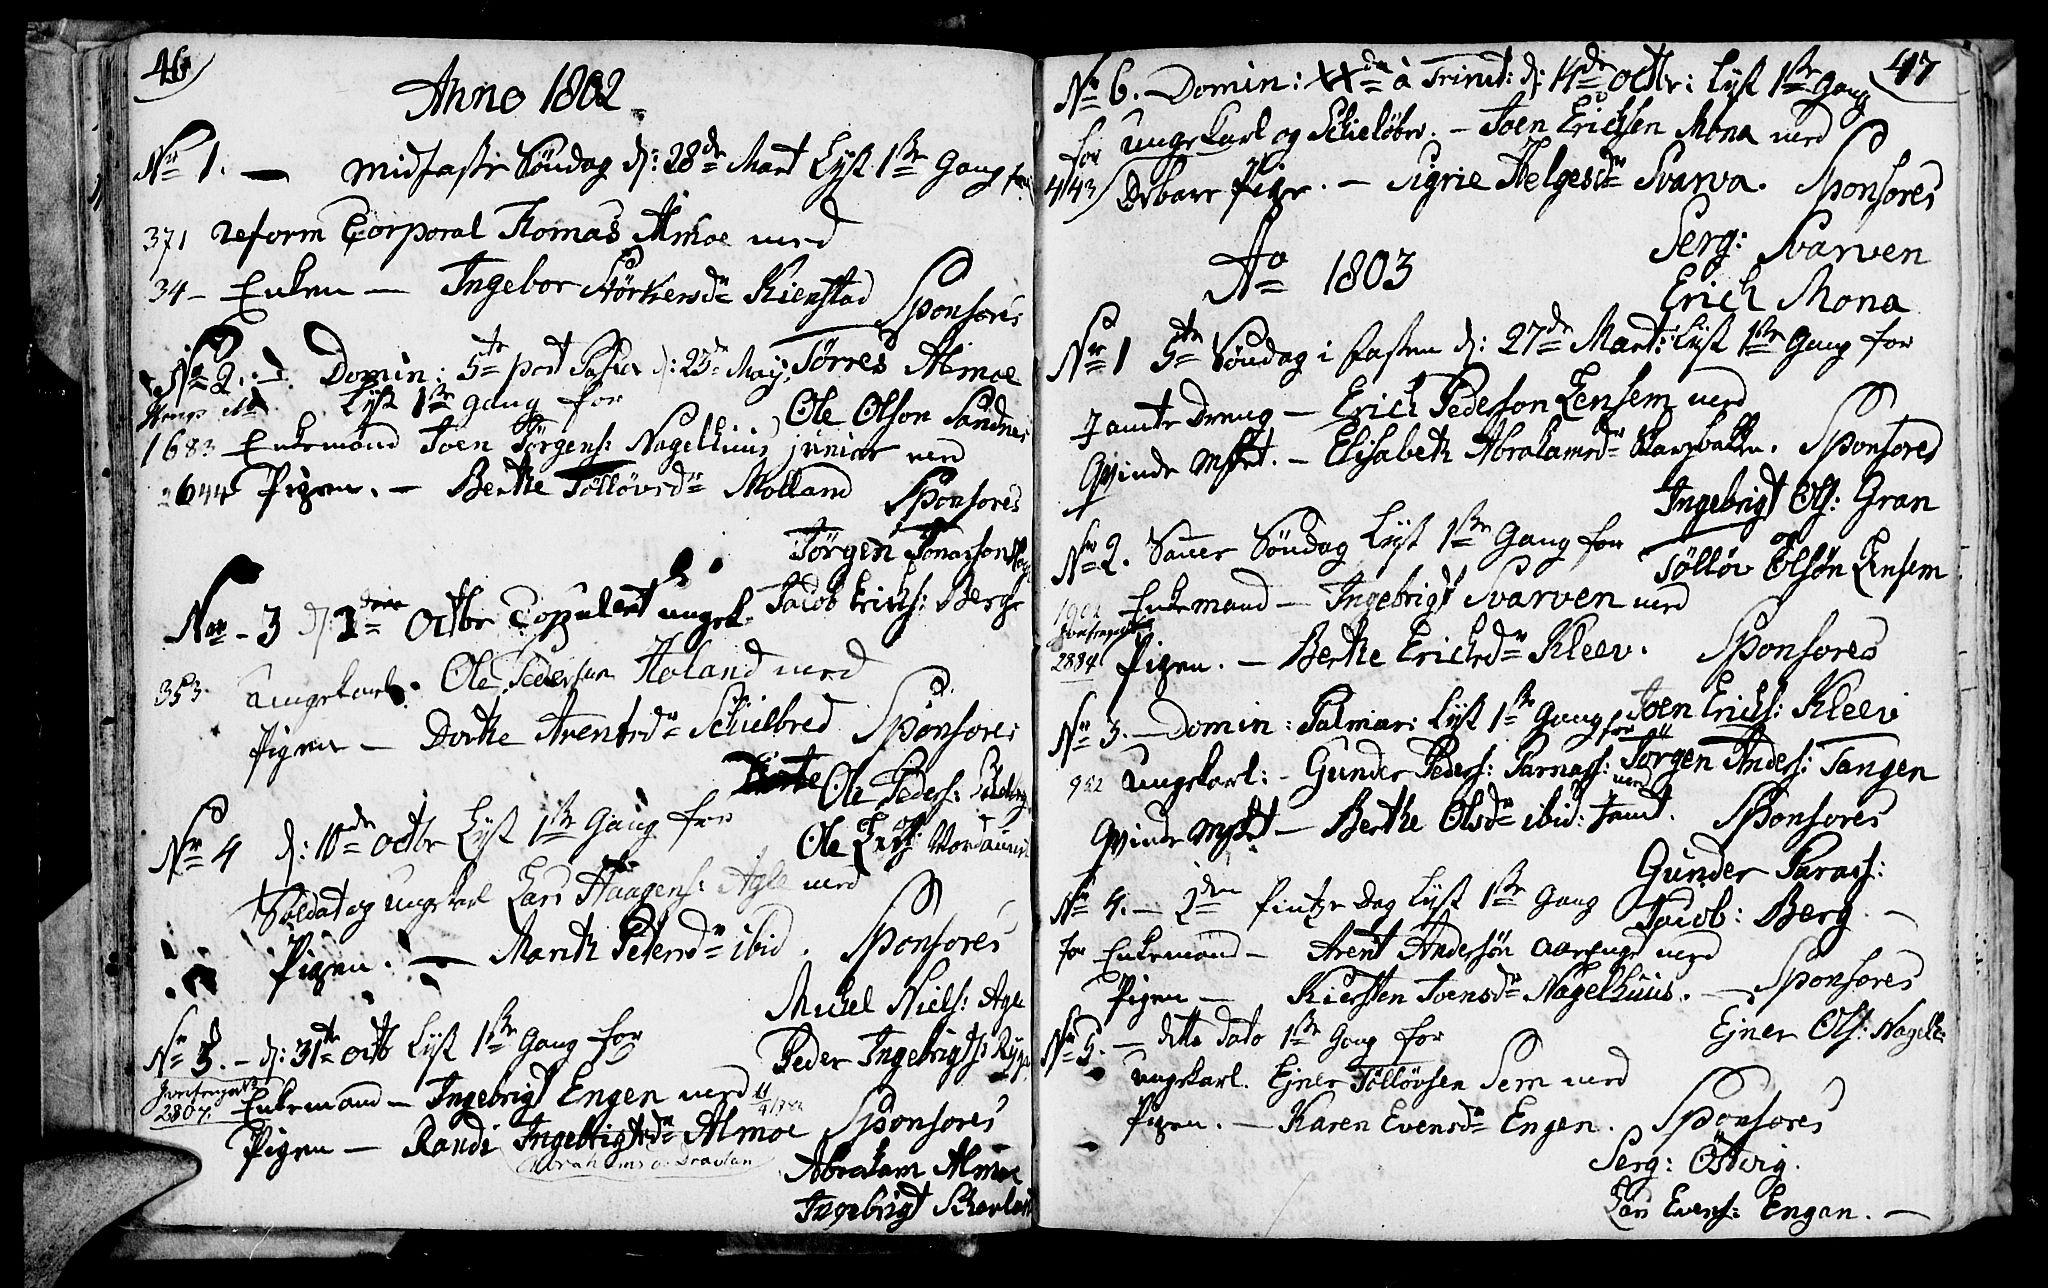 SAT, Ministerialprotokoller, klokkerbøker og fødselsregistre - Nord-Trøndelag, 749/L0468: Ministerialbok nr. 749A02, 1787-1817, s. 46-47